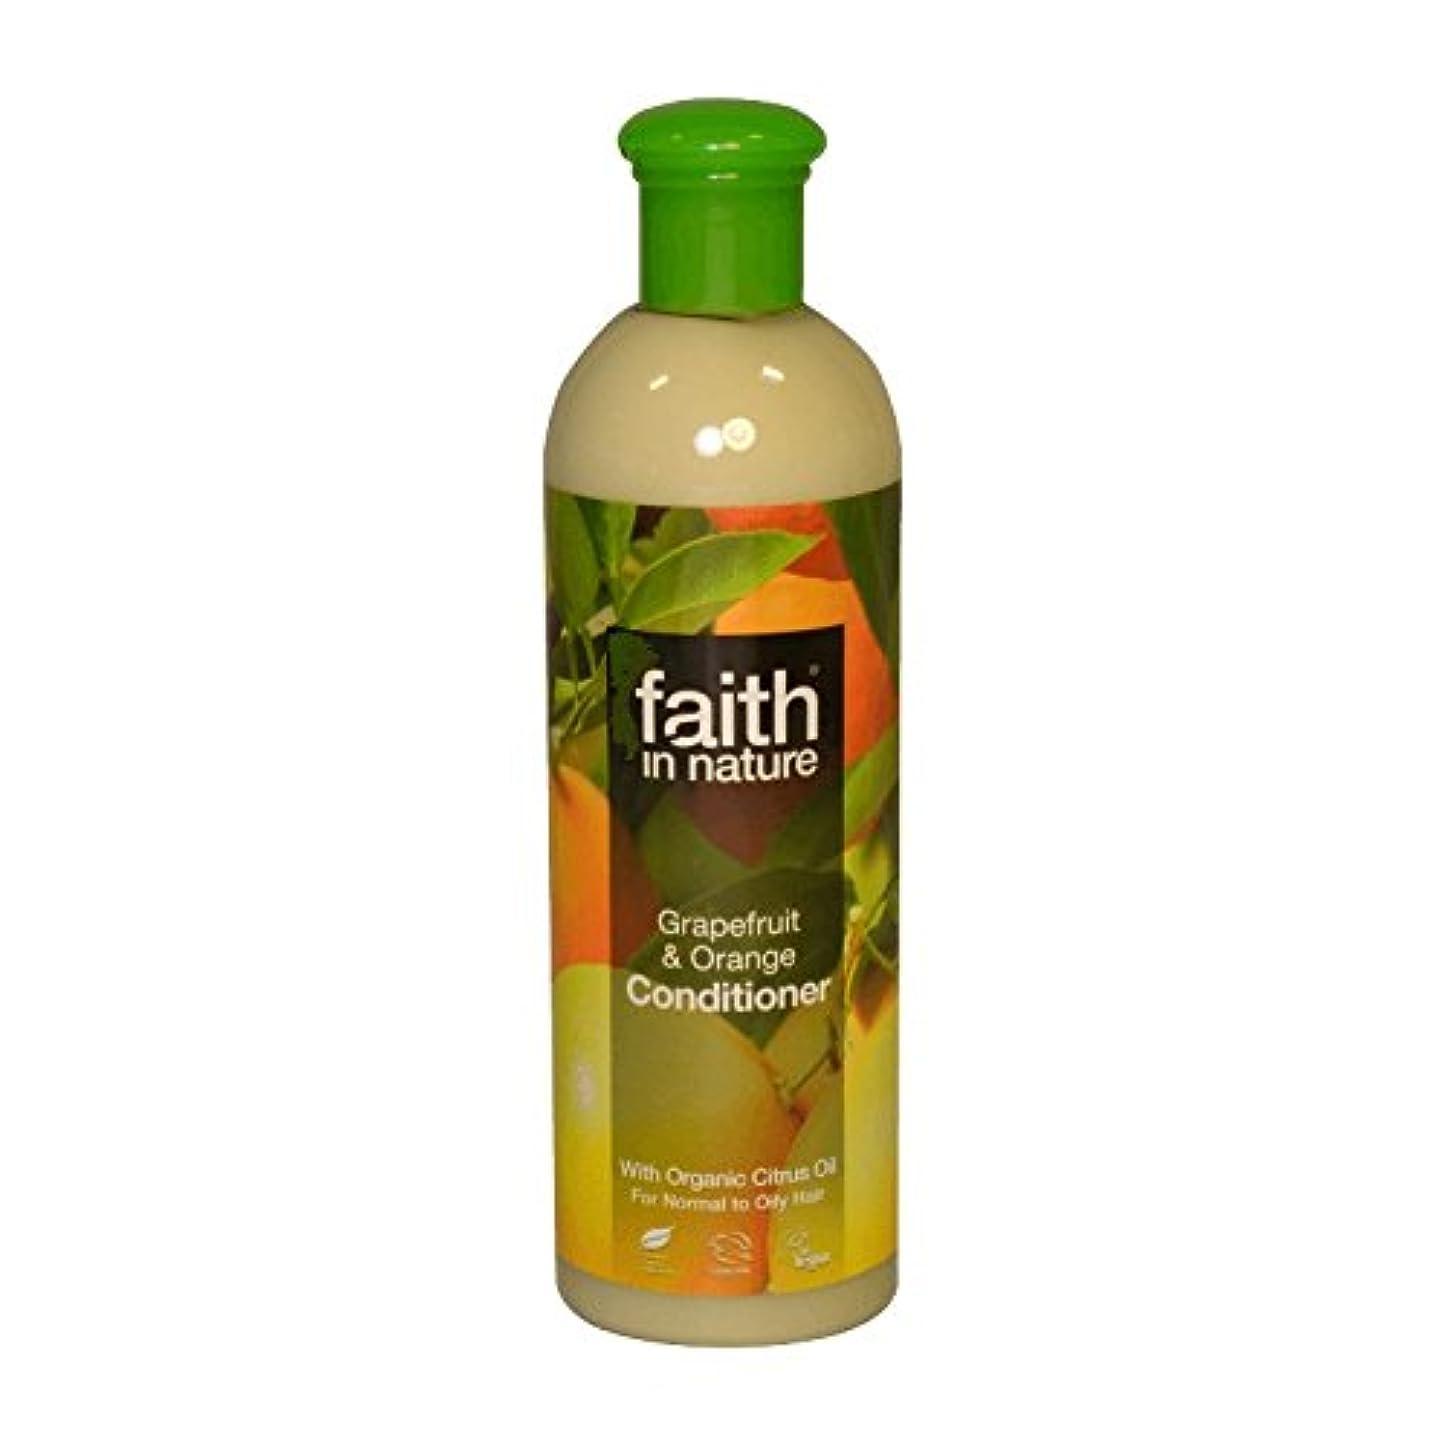 ディスコ暴力的な出席する自然グレープフルーツ&オレンジコンディショナー400ミリリットルの信仰 - Faith in Nature Grapefruit & Orange Conditioner 400ml (Faith in Nature) [並行輸入品]